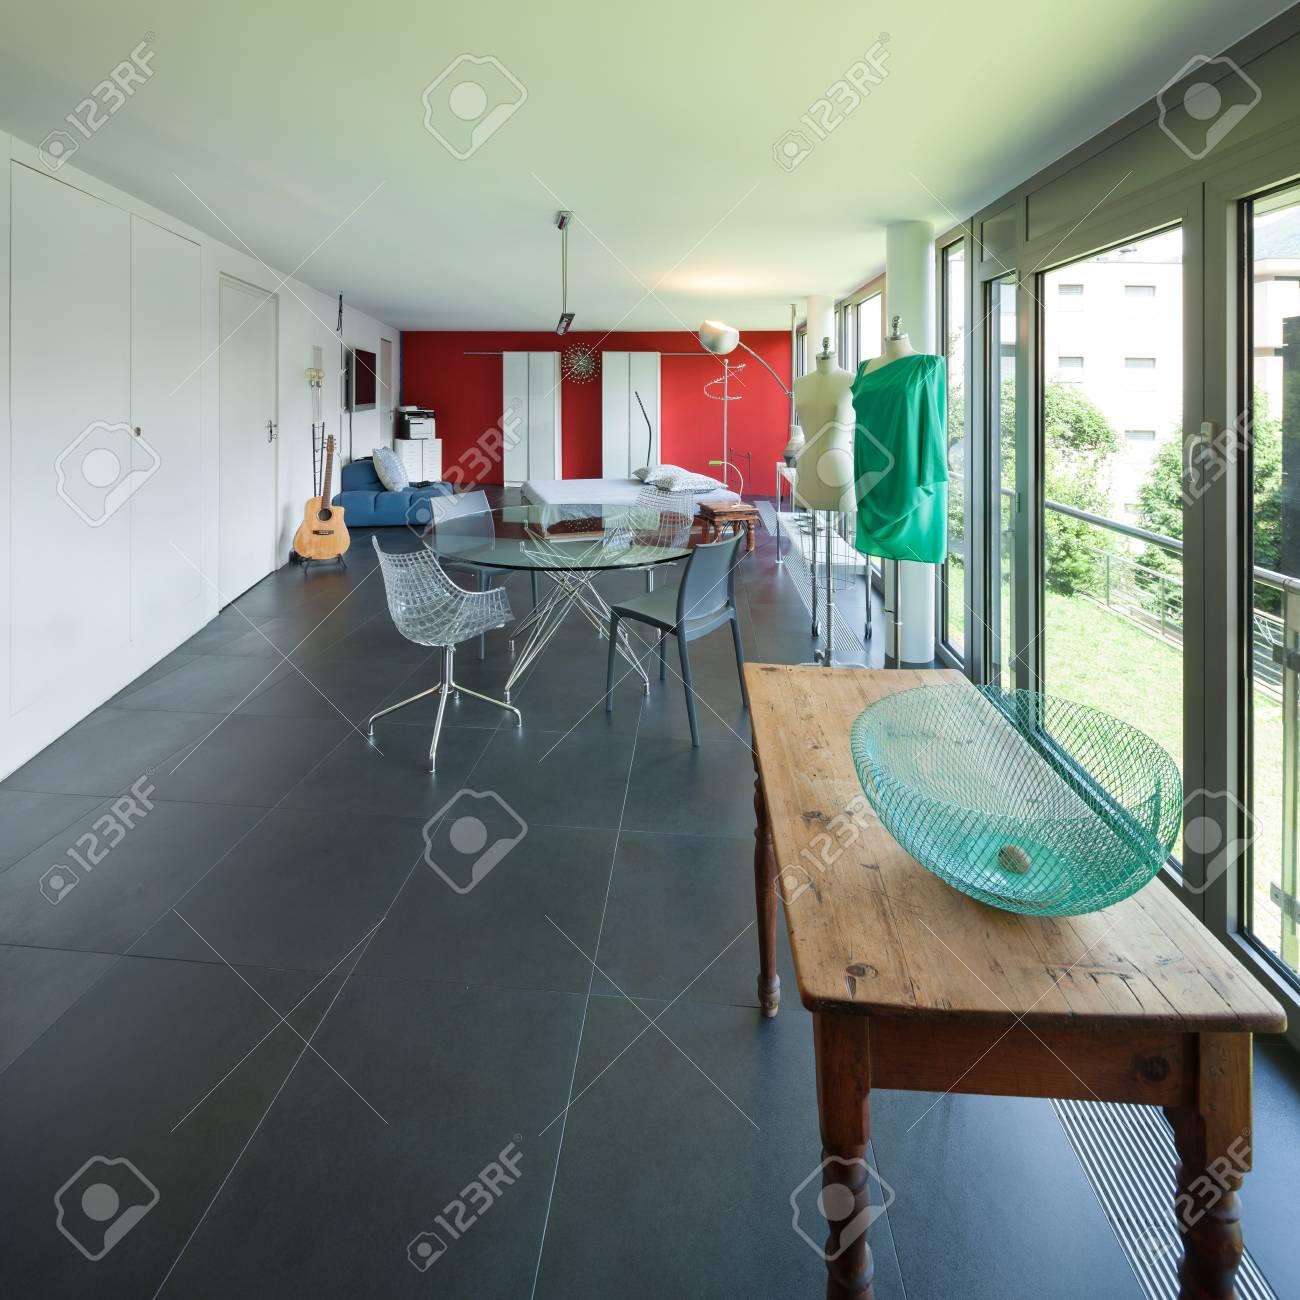 ワンルーム マンションガラス テーブルとベッドのある広い部屋の